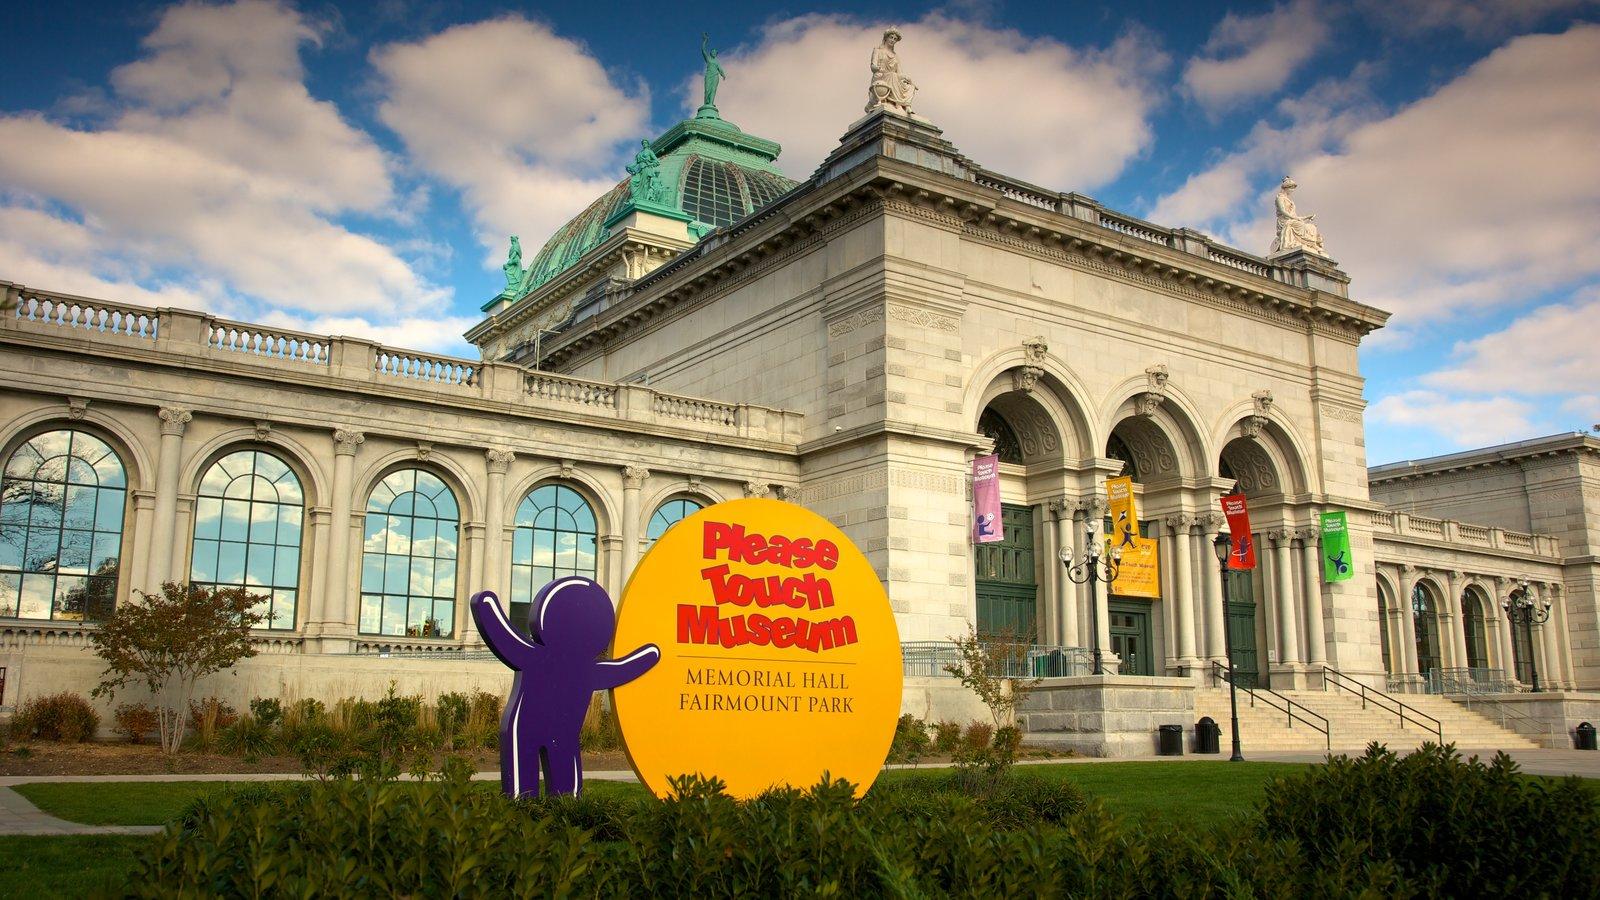 Please Touch Museum ofreciendo una ciudad y señalización